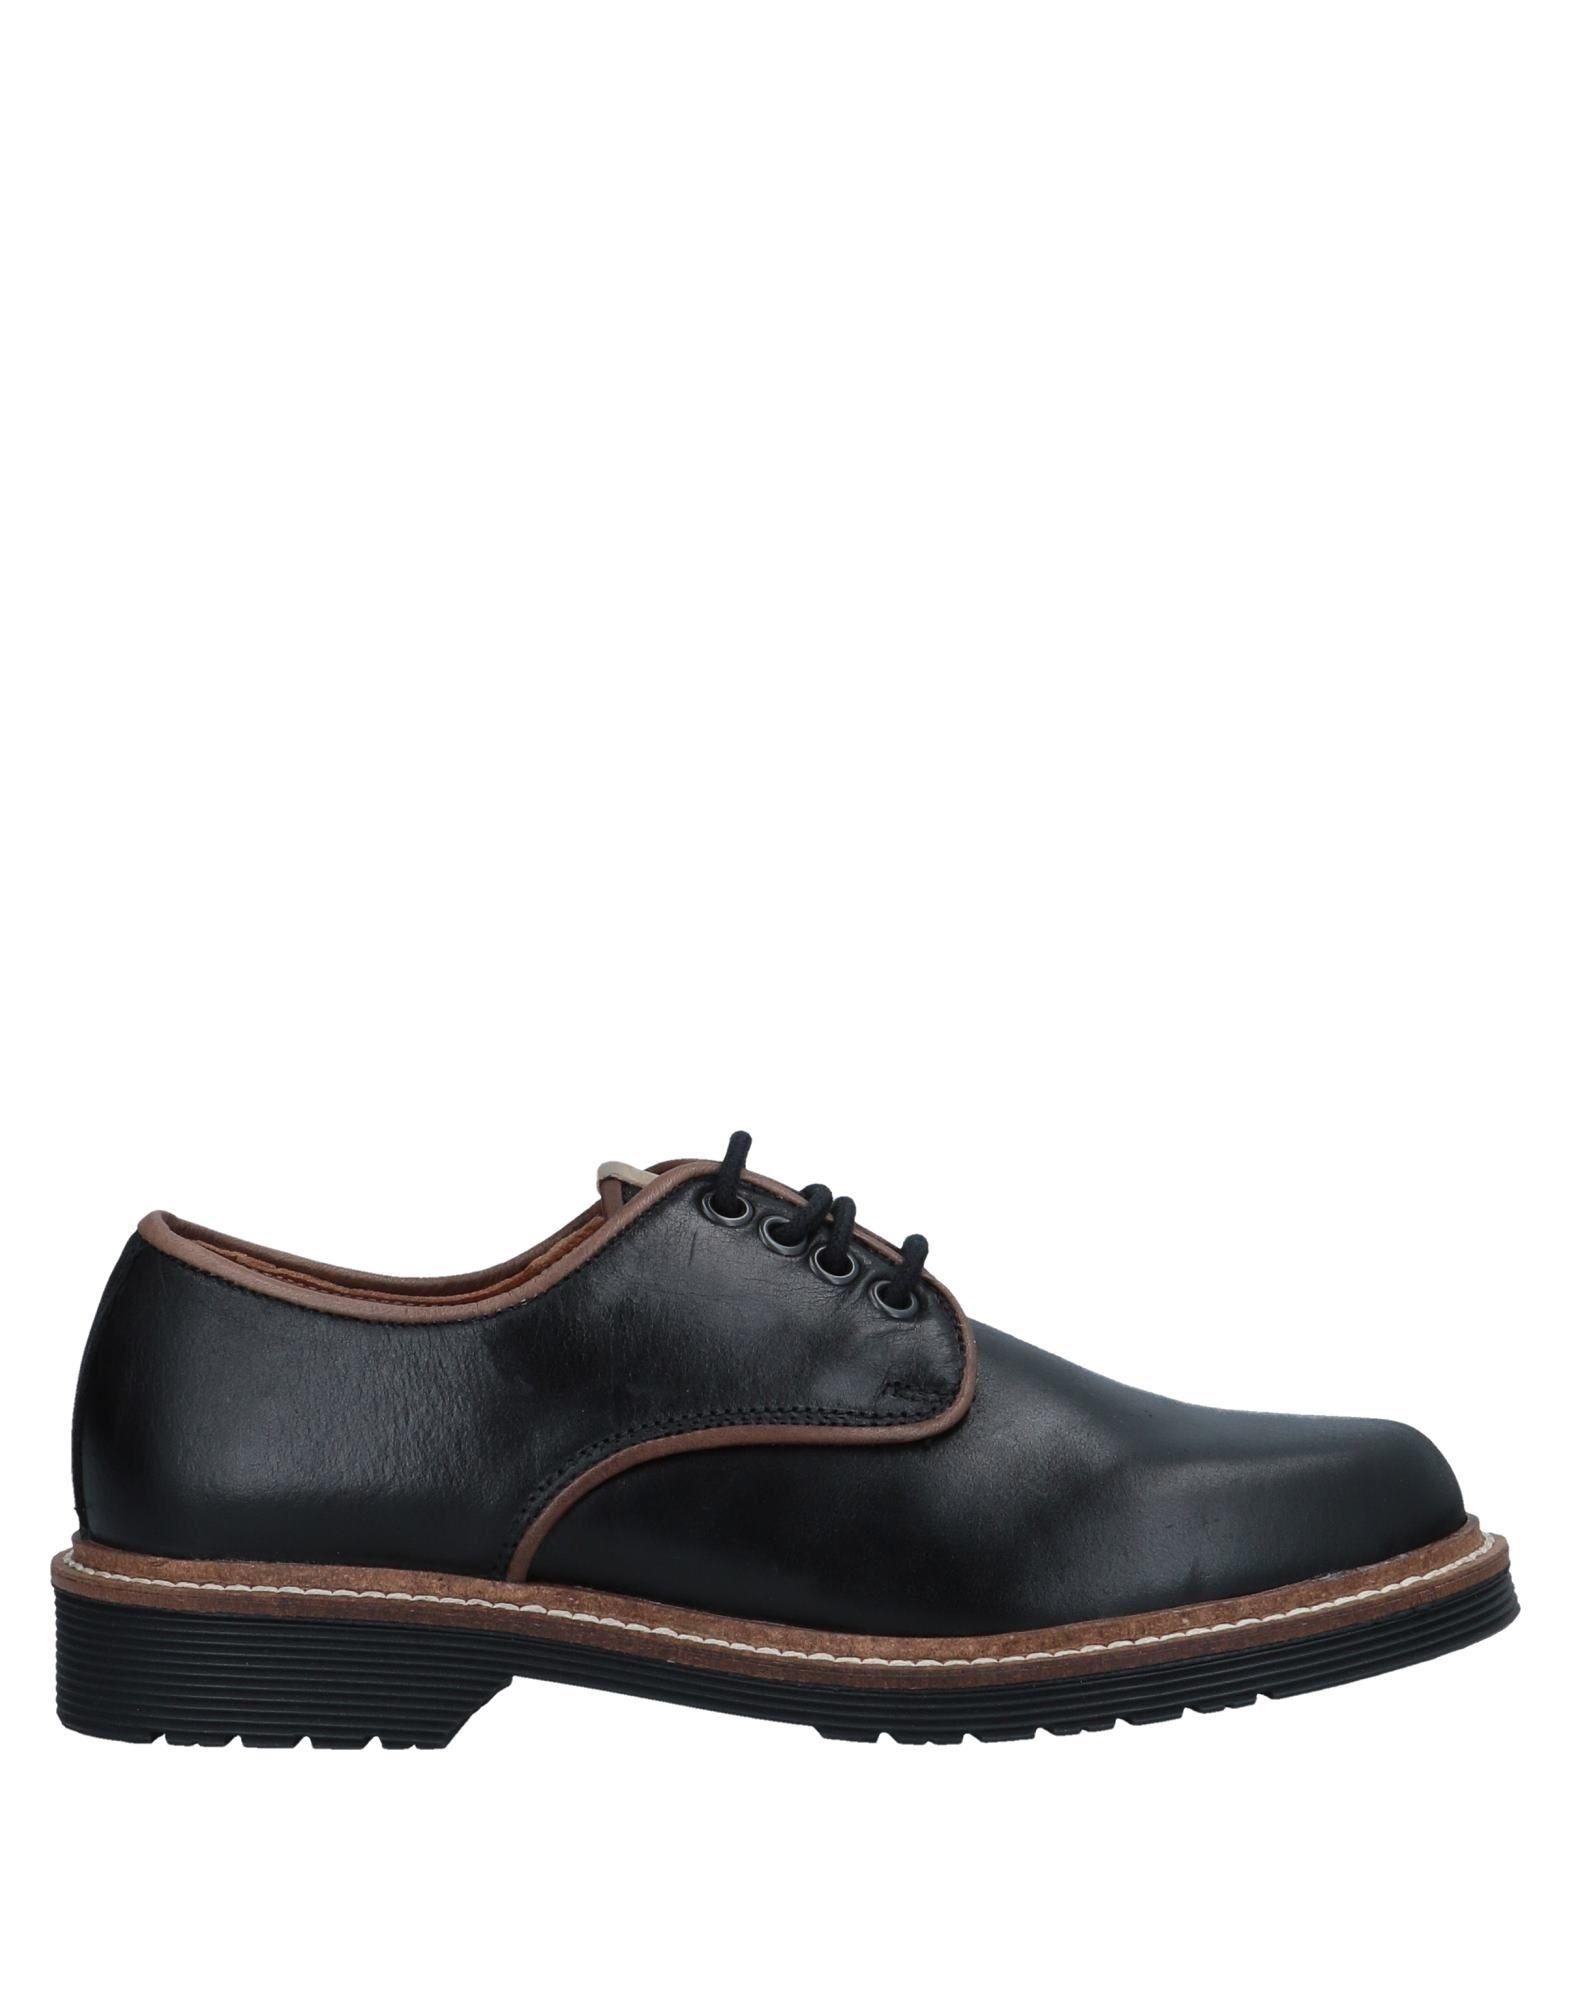 Maians Schnürschuhe Damen  11551924FX Gute Qualität beliebte Schuhe